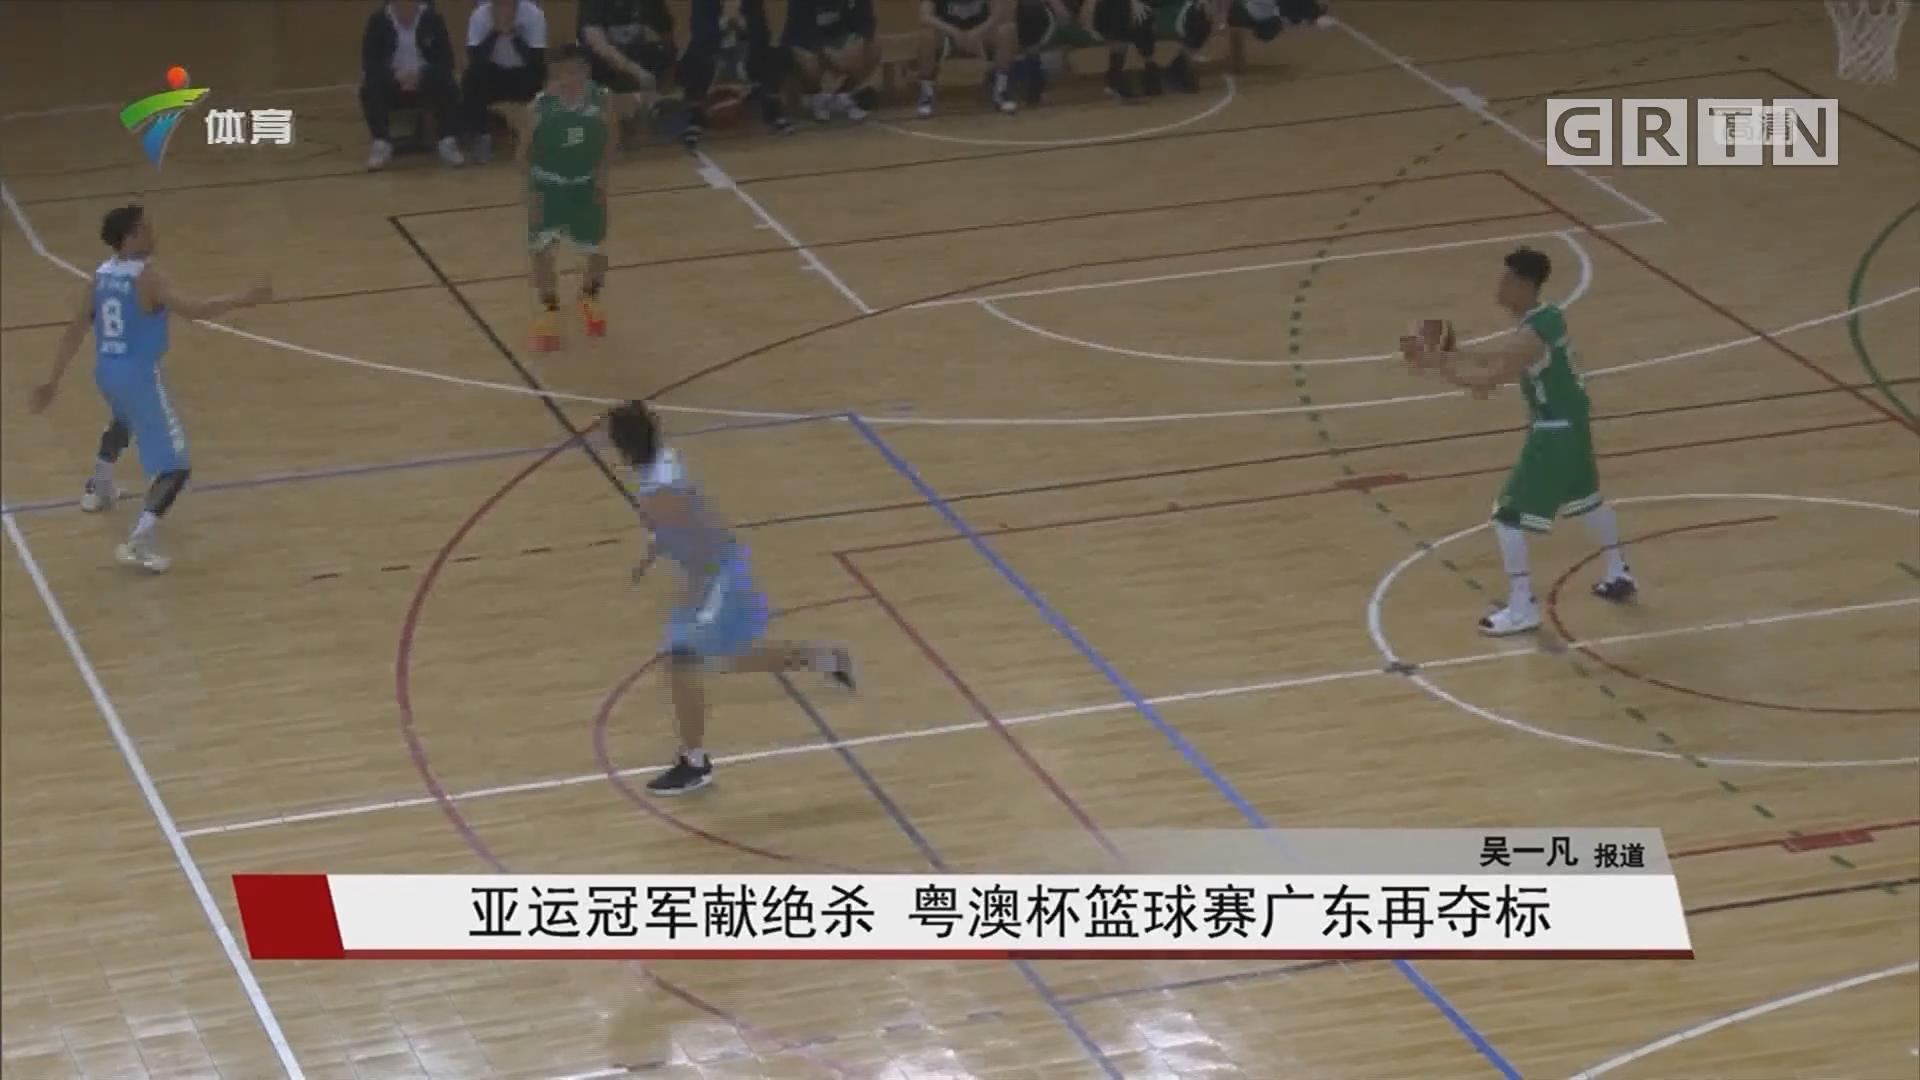 亚运冠军献绝杀 粤澳杯篮球赛广东再夺标